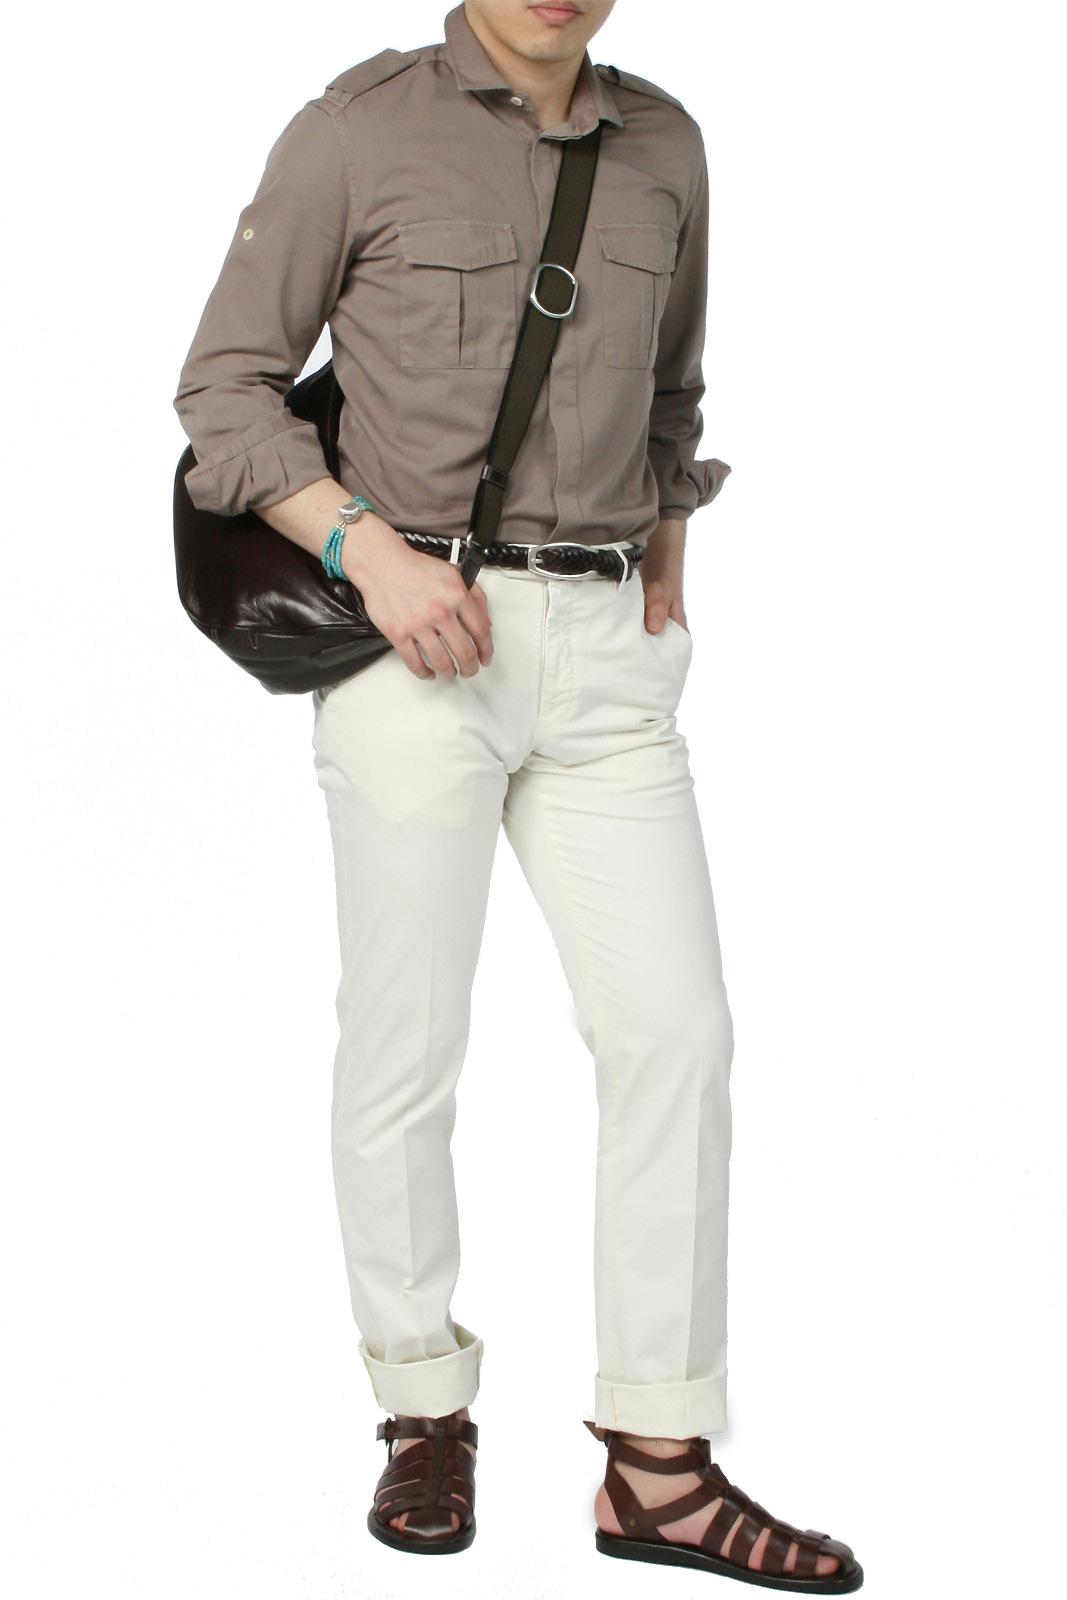 サファリシャツとグラディエーターサンダルのキレイめオフスタイル。